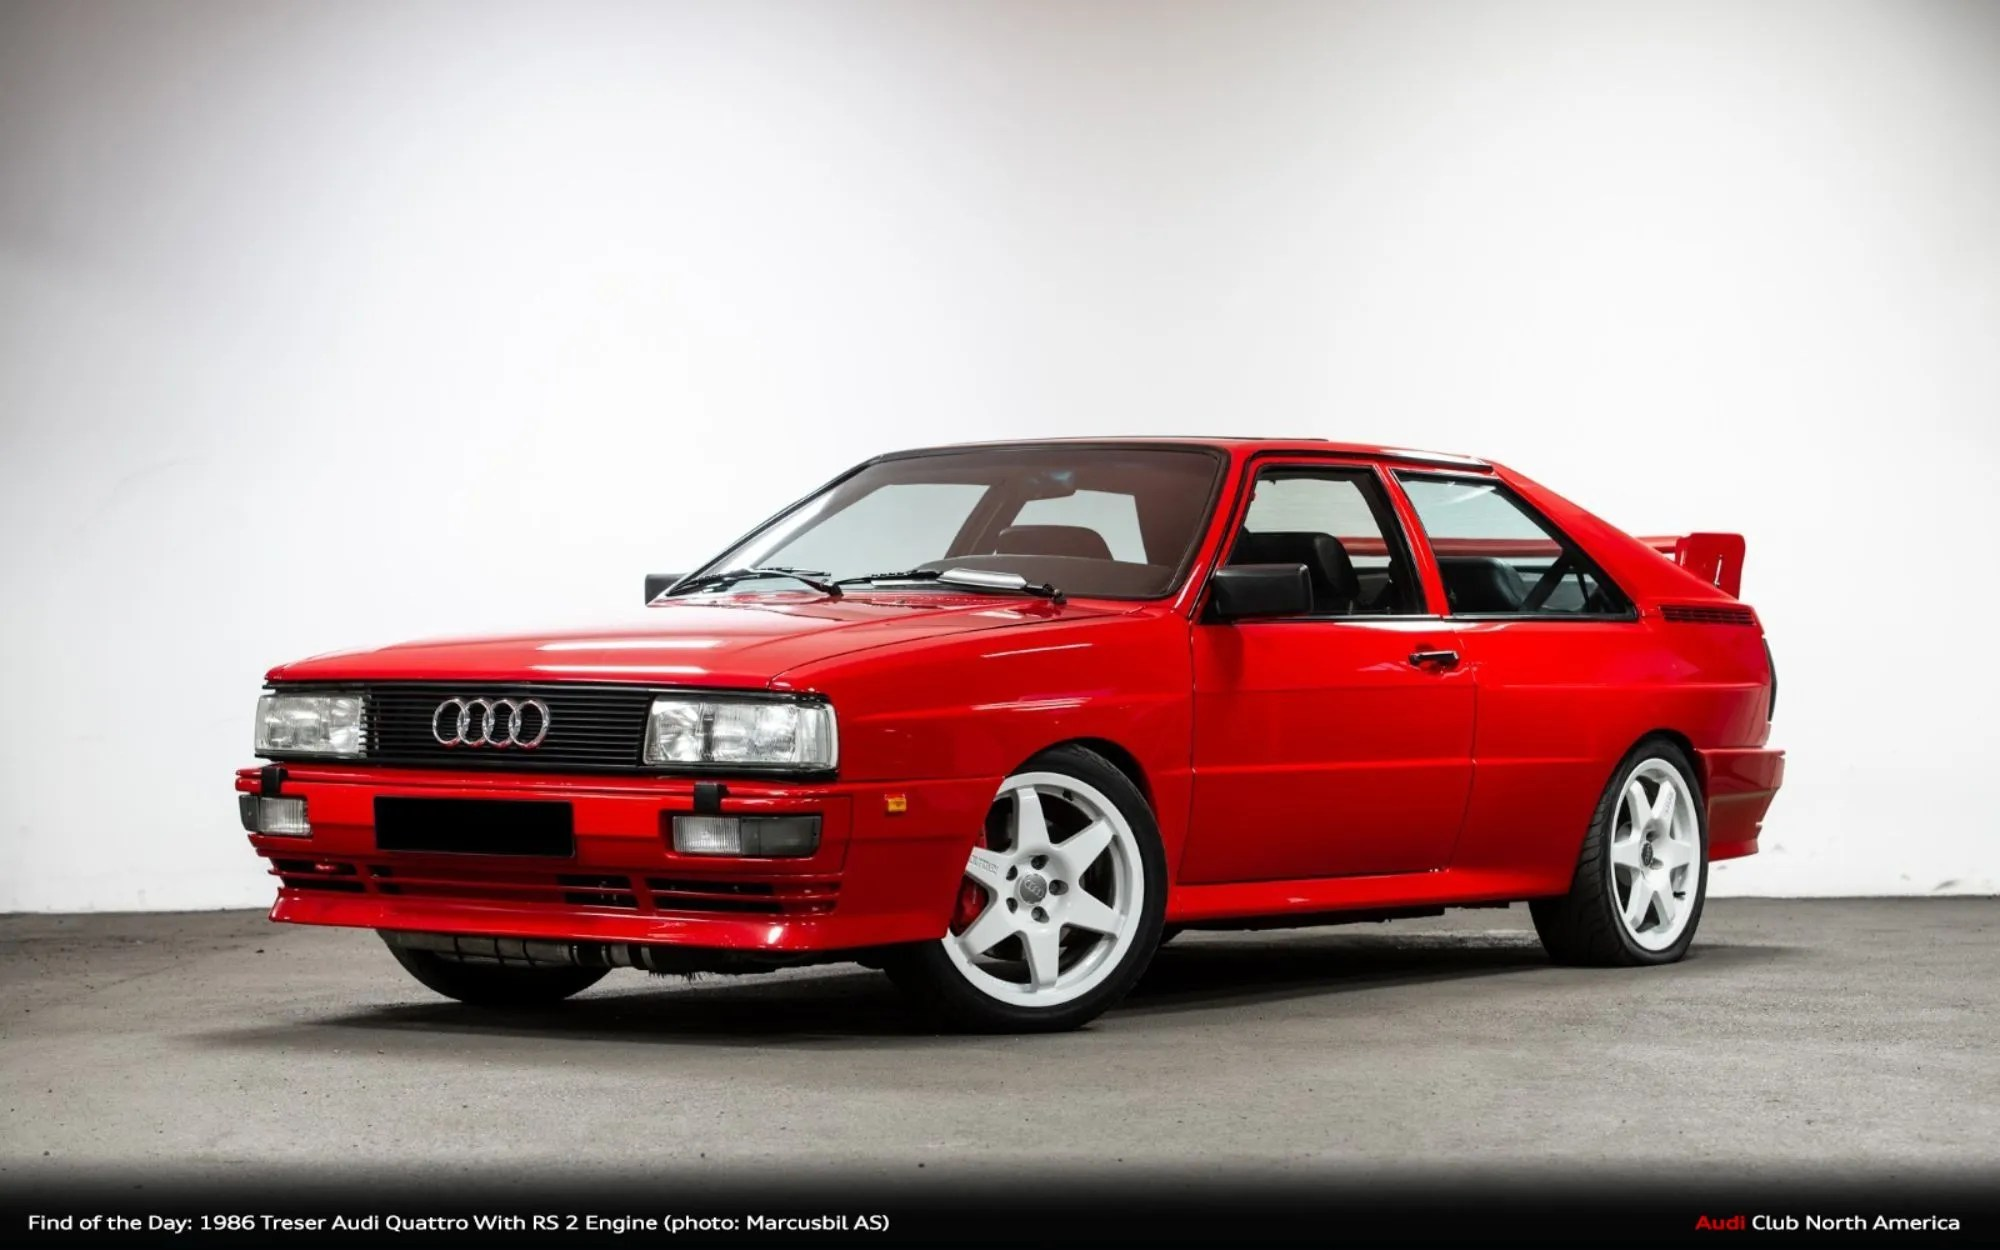 Kelebihan Audi Quattro Top Model Tahun Ini